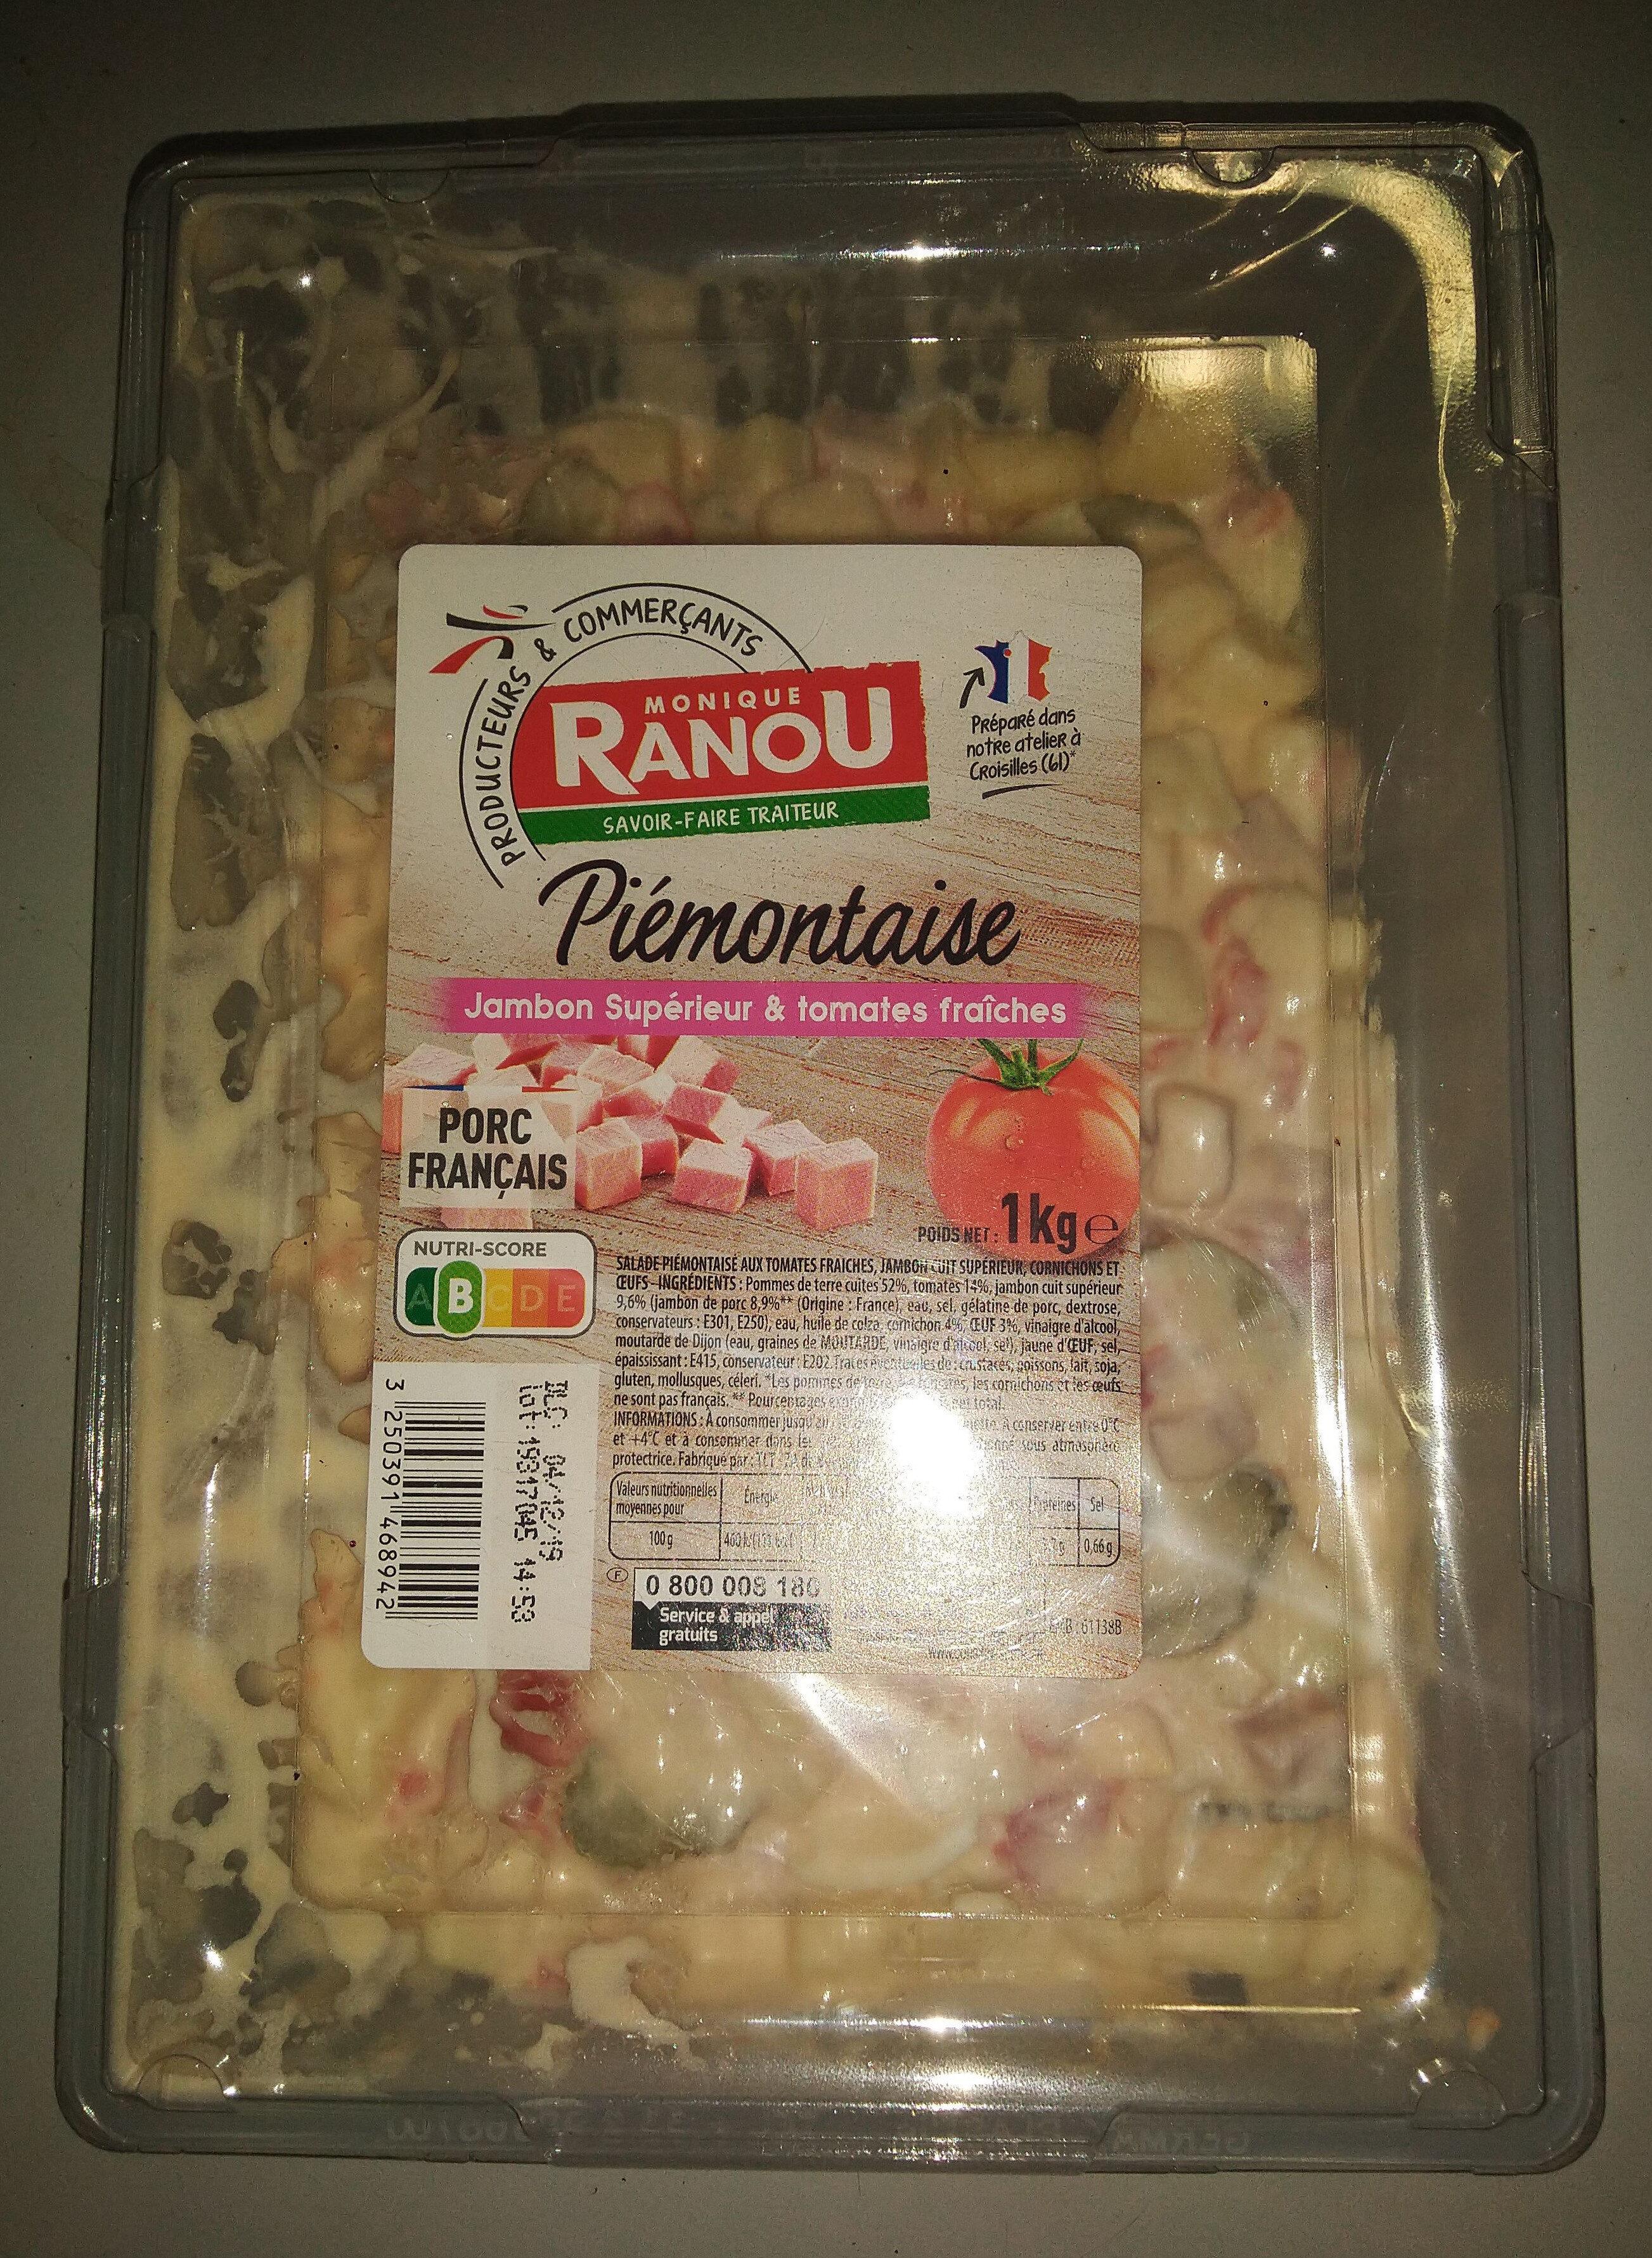 Piémontaise - Jambon Supérieur & tomates fraîches - Produit